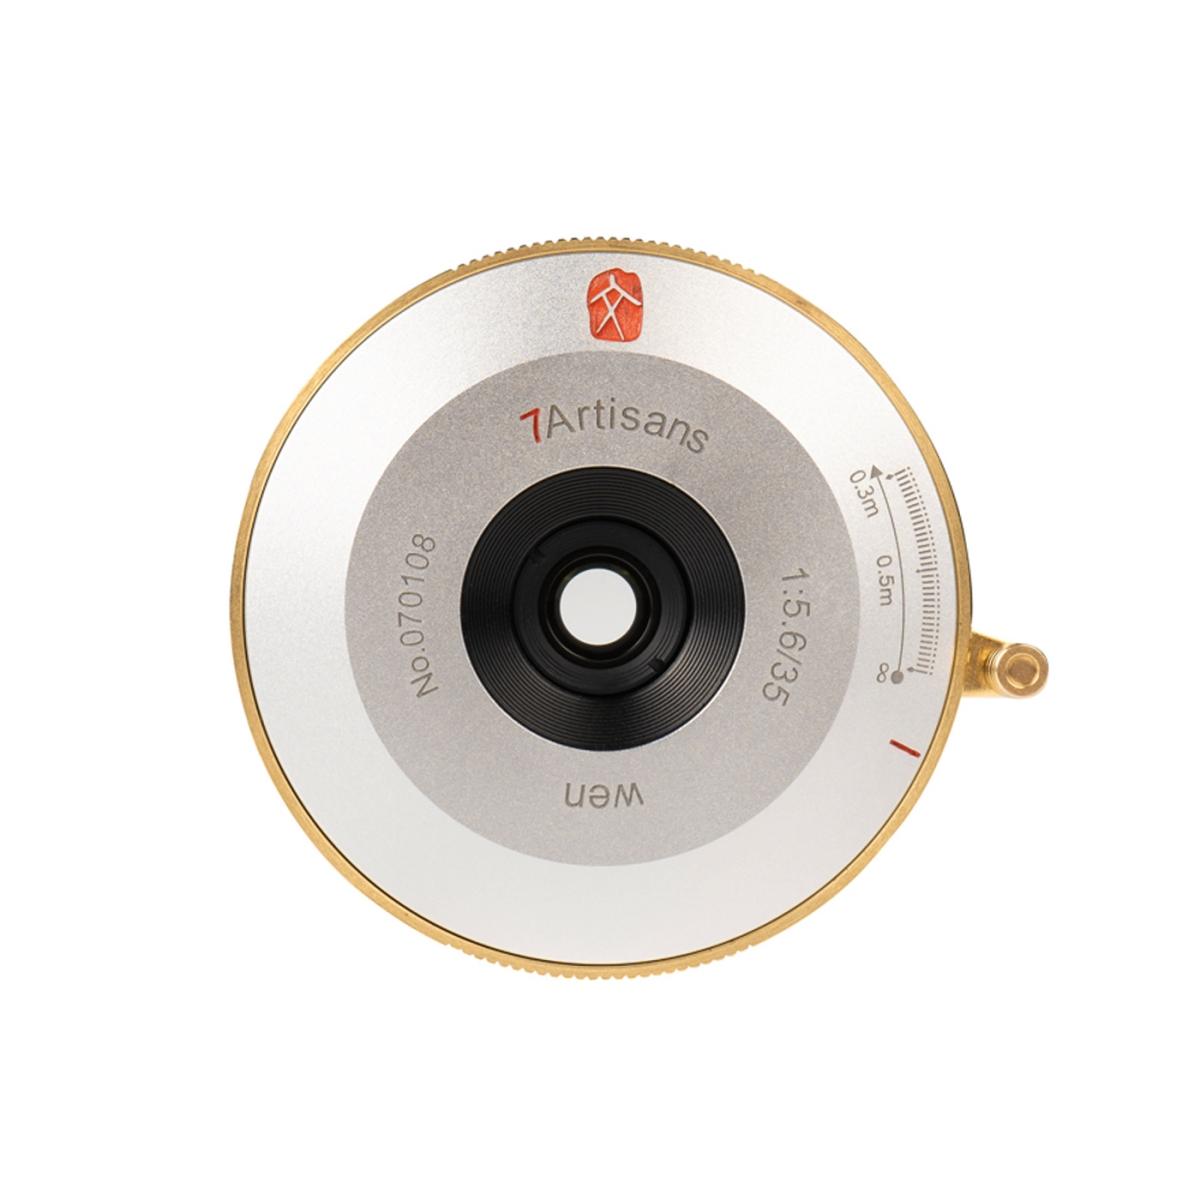 7Artisans 35 mm 1:5,6 WEN Pancake für Leica M Silber